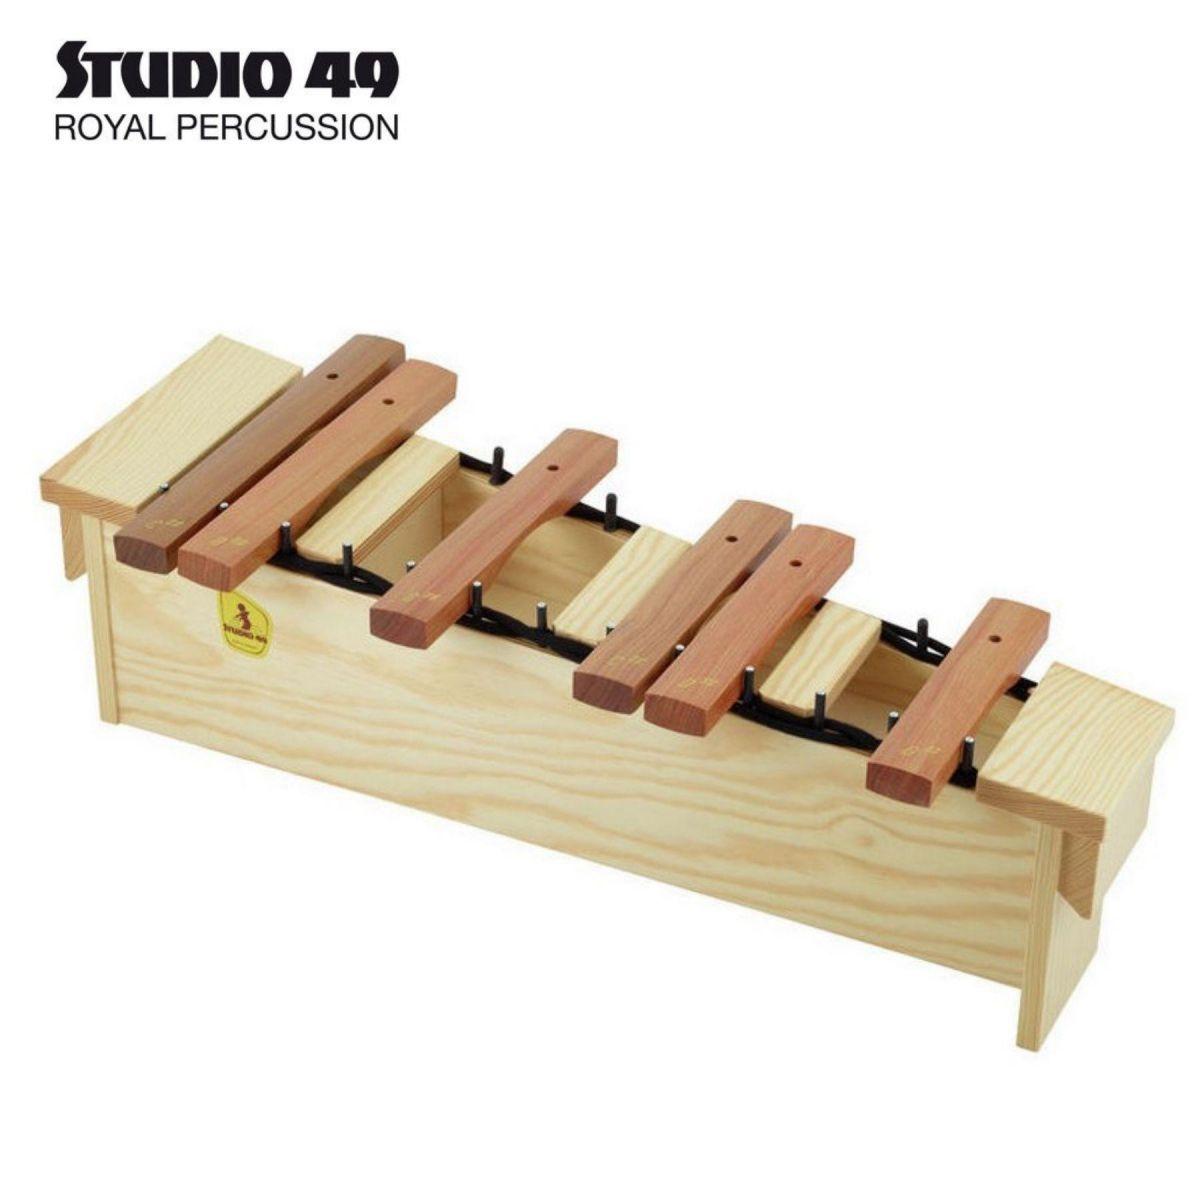 Semitoni xilofono soprano Studio49 H-SXG2000 in Grillodur supplemento per Xilofono soprano